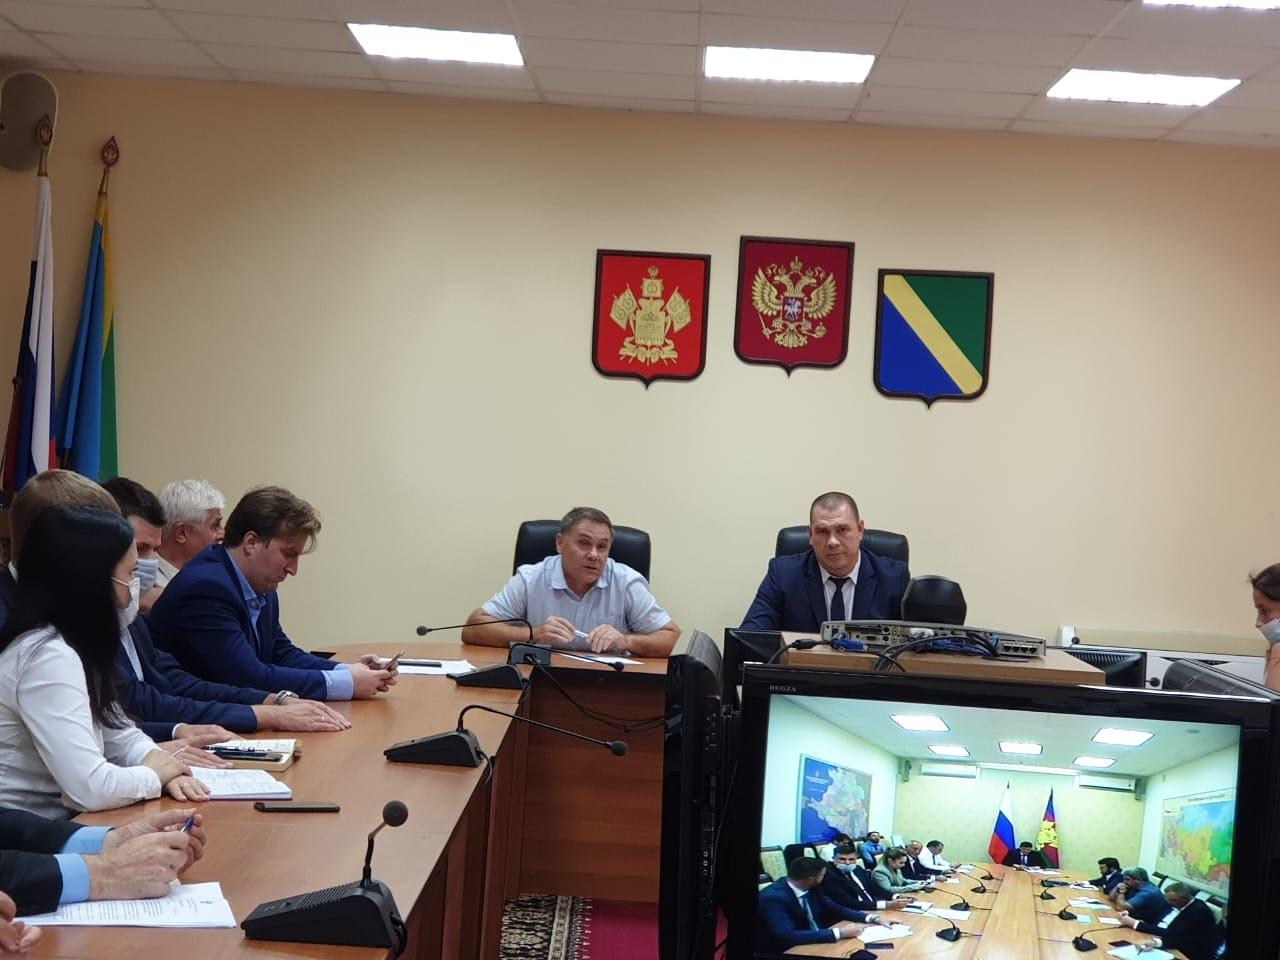 Представители Российского экологического общества вошли в состав губернаторской межведомственной комиссии